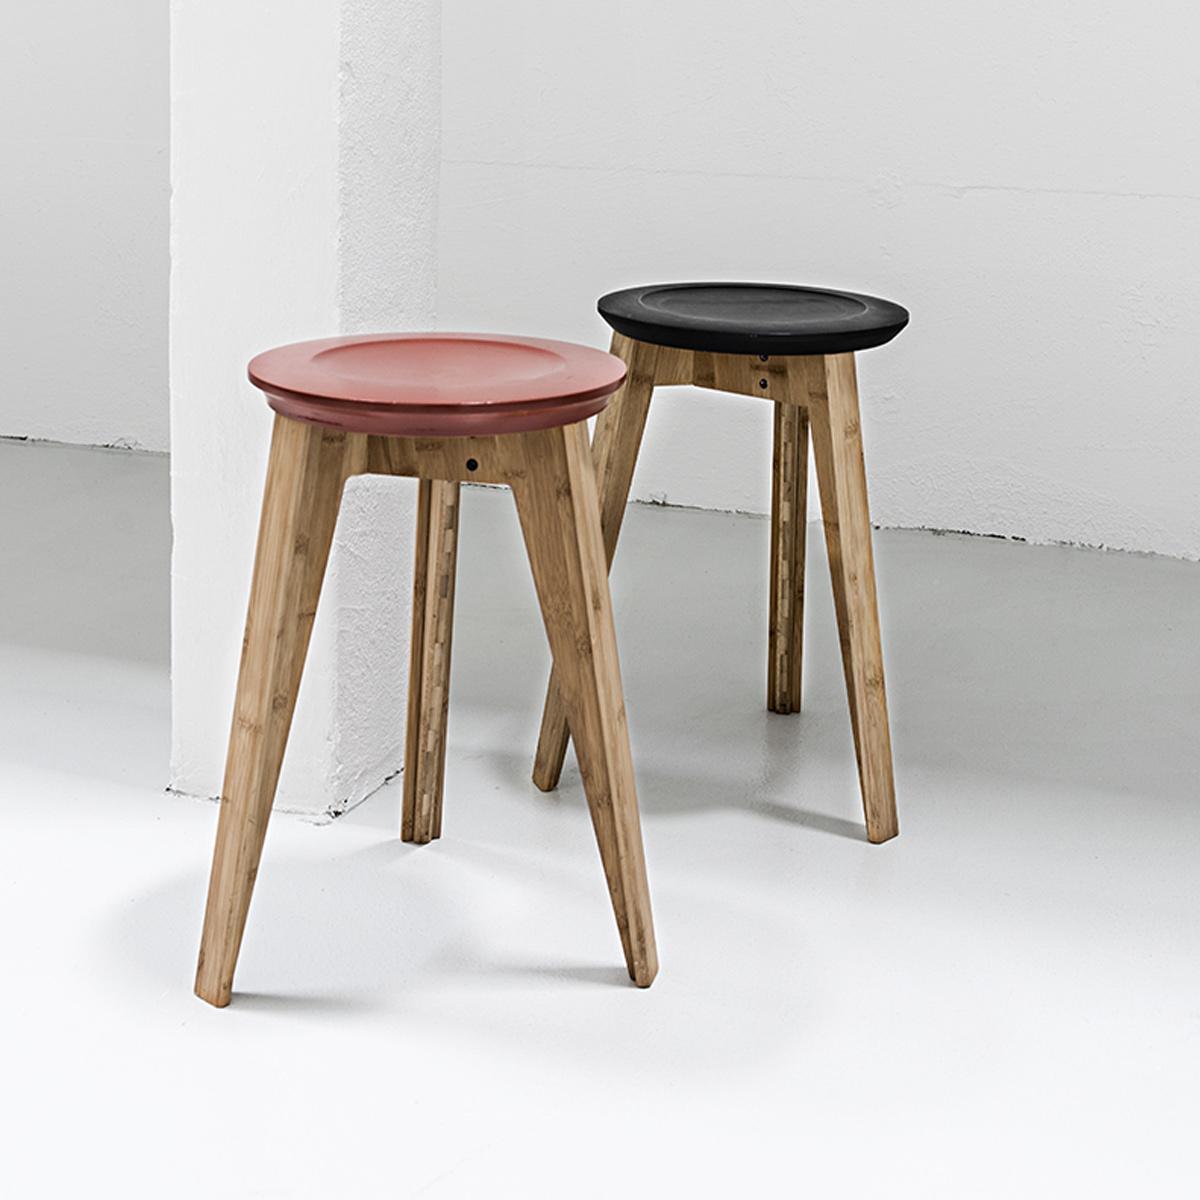 we do wood hocker stuhl button stool moso bambus buche holz schwarz dannenfelser kinderm bel. Black Bedroom Furniture Sets. Home Design Ideas